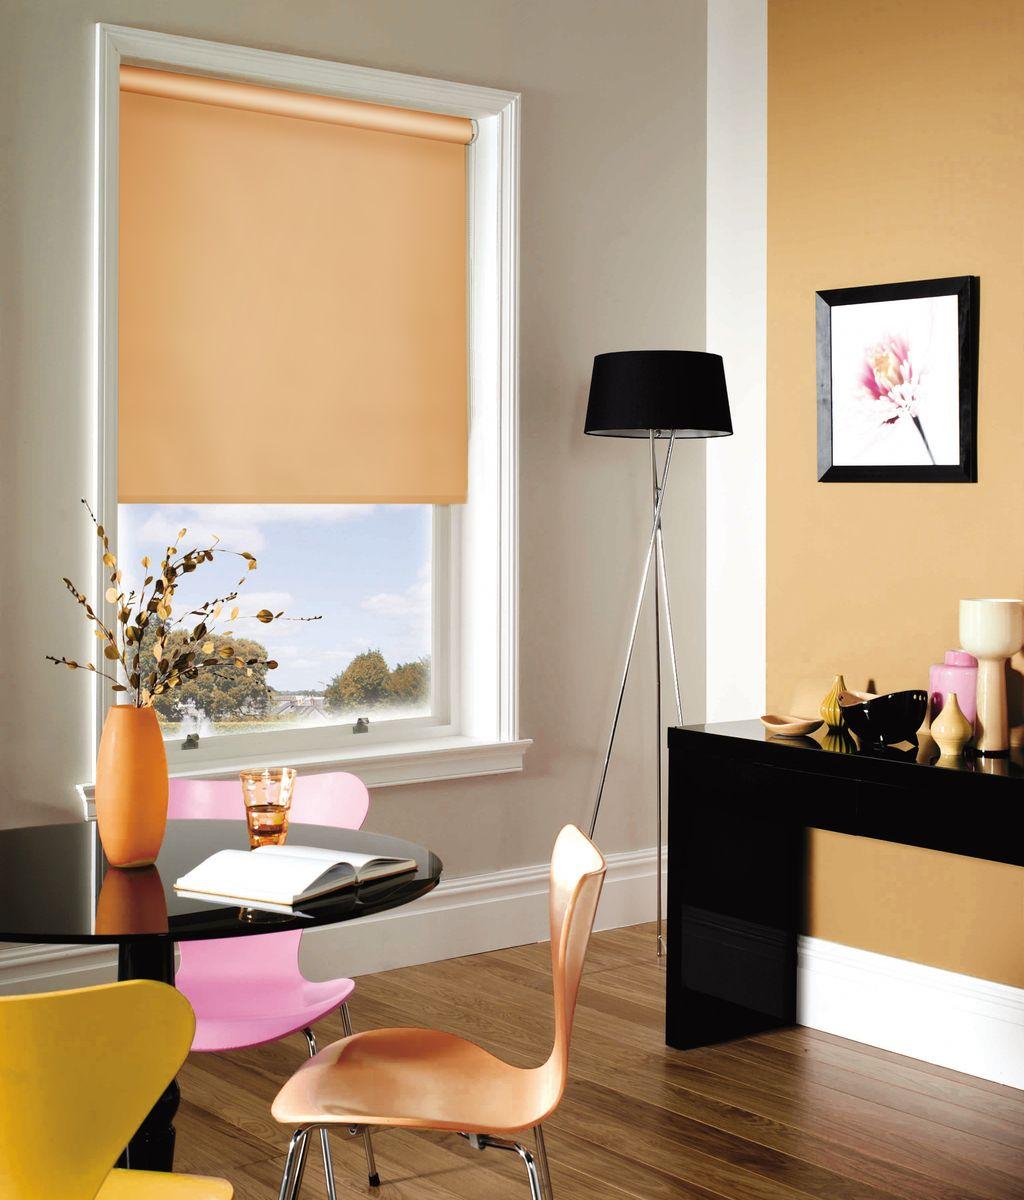 Штора рулонная Эскар Миниролло, цвет: светлый абрикос, ширина 37 см, высота 170 см31012037170Рулонными шторами можно оформлять окна как самостоятельно, так и использовать в комбинации с портьерами. Это поможет предотвратить выгорание дорогой ткани на солнце и соединит функционал рулонных с красотой навесных. Преимущества применения рулонных штор для пластиковых окон: - имеют прекрасный внешний вид: многообразие и фактурность материала изделия отлично смотрятся в любом интерьере;- многофункциональны: есть возможность подобрать шторы способные эффективно защитить комнату от солнца, при этом она не будет слишком темной. - Есть возможность осуществить быстрый монтаж.ВНИМАНИЕ! Размеры ширины изделия указаны по ширине ткани! Во время эксплуатации не рекомендуется полностью разматывать рулон, чтобы не оторвать ткань от намоточного вала. В случае загрязнения поверхности ткани, чистку шторы проводят одним из способов, в зависимости от типа загрязнения:легкое поверхностное загрязнение можно удалить при помощи канцелярского ластика;чистка от пыли производится сухим методом при помощи пылесоса с мягкой щеткой-насадкой;для удаления пятна используйте мягкую губку с пенообразующим неагрессивным моющим средством или пятновыводитель на натуральной основе (нельзя применять растворители).